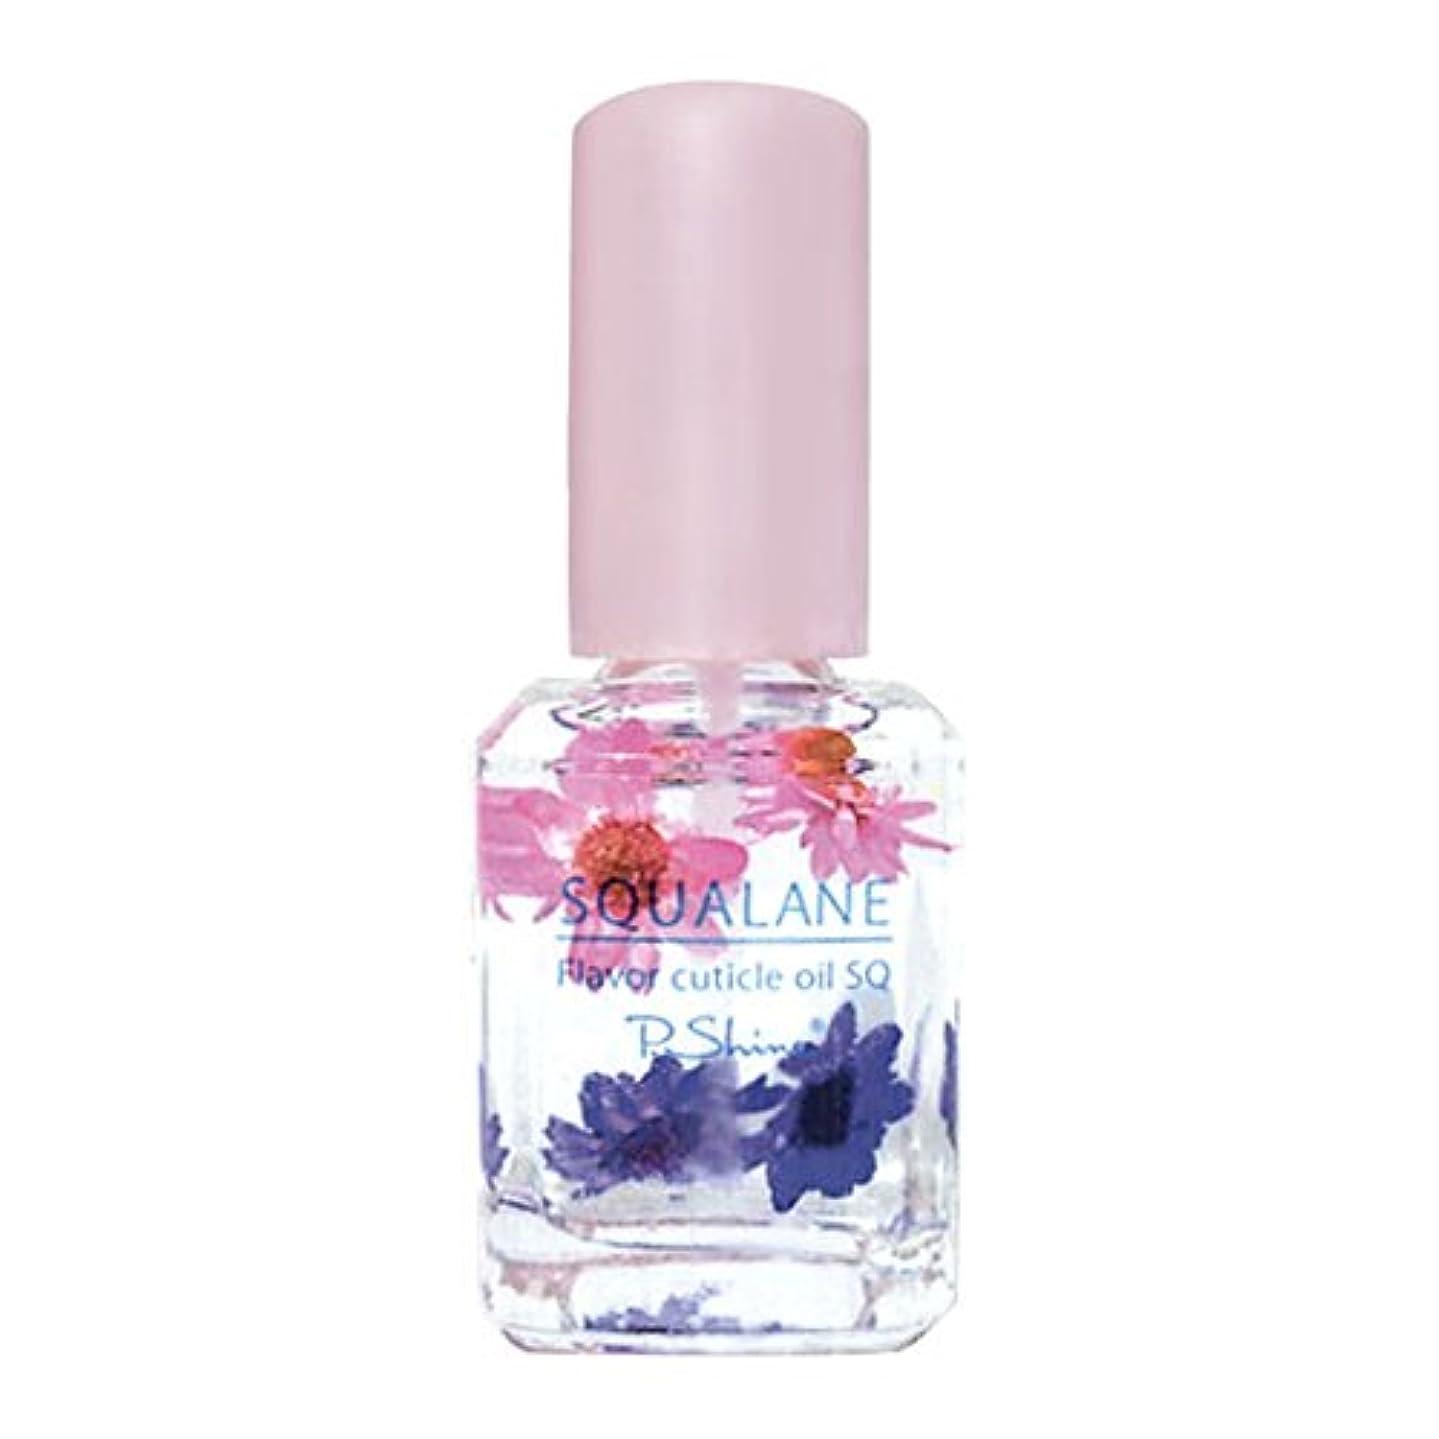 のスコア激怒障害者P. Shine フレーバーオイルSQ フラワーリゾート 南国の花の甘く優しい香り スクワランオイル